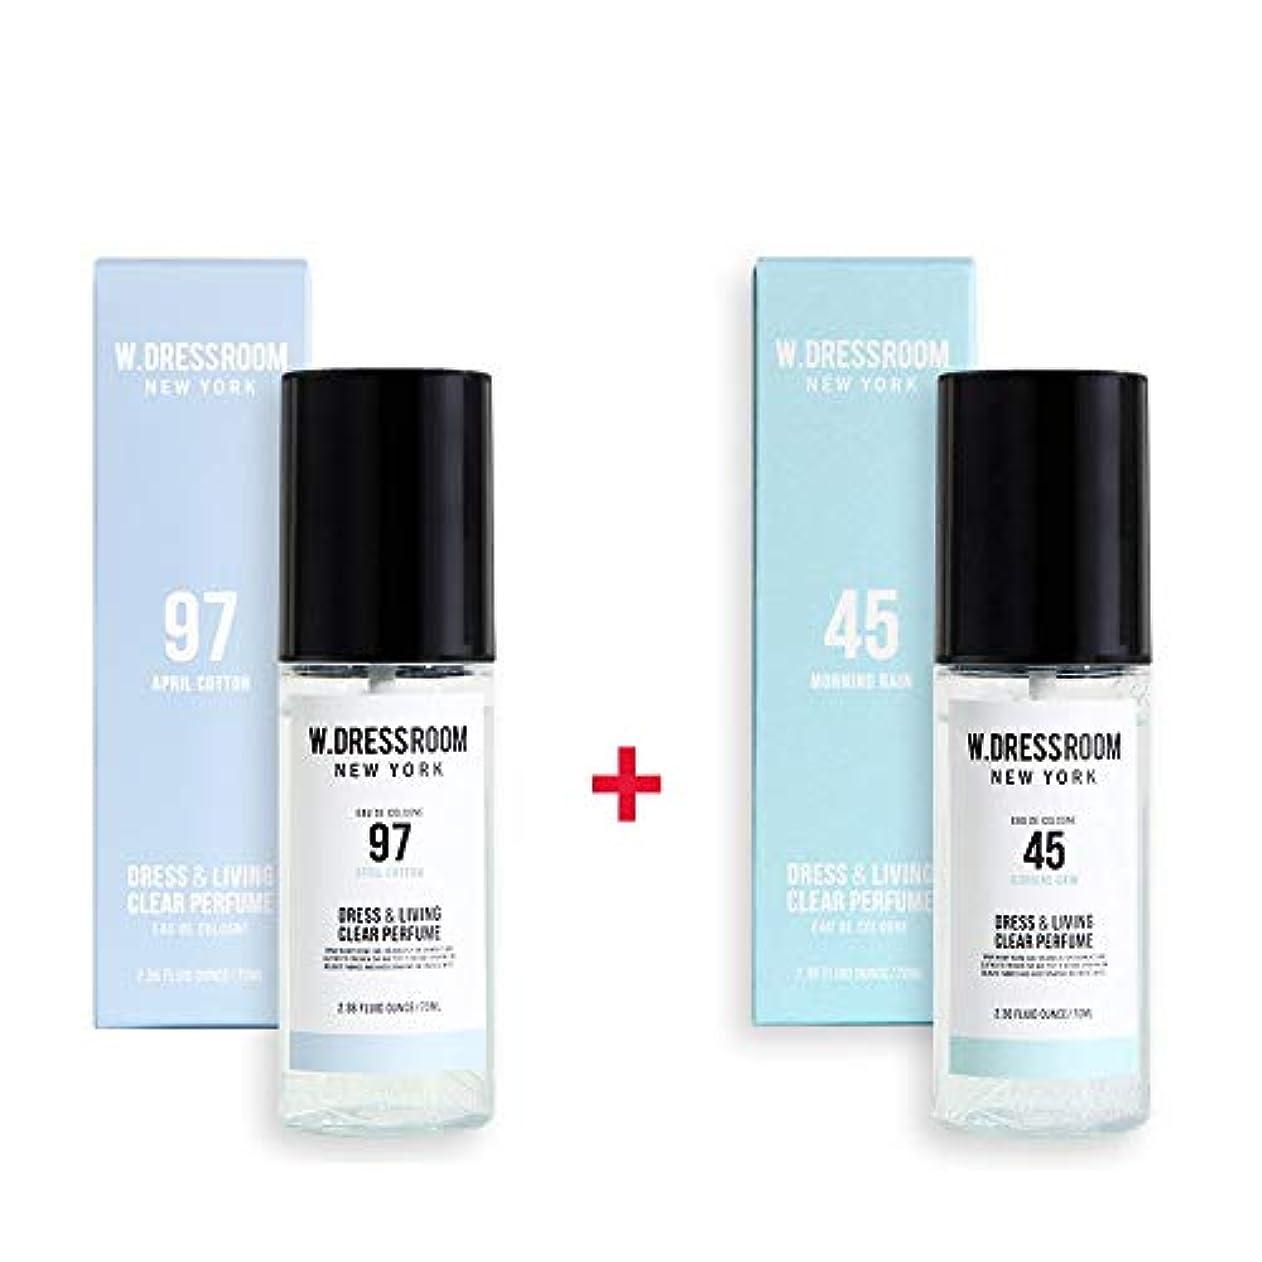 ラッシュ最高シリーズW.DRESSROOM Dress & Living Clear Perfume 70ml (No 97 April Cotton)+(No 45 Morning Rain)